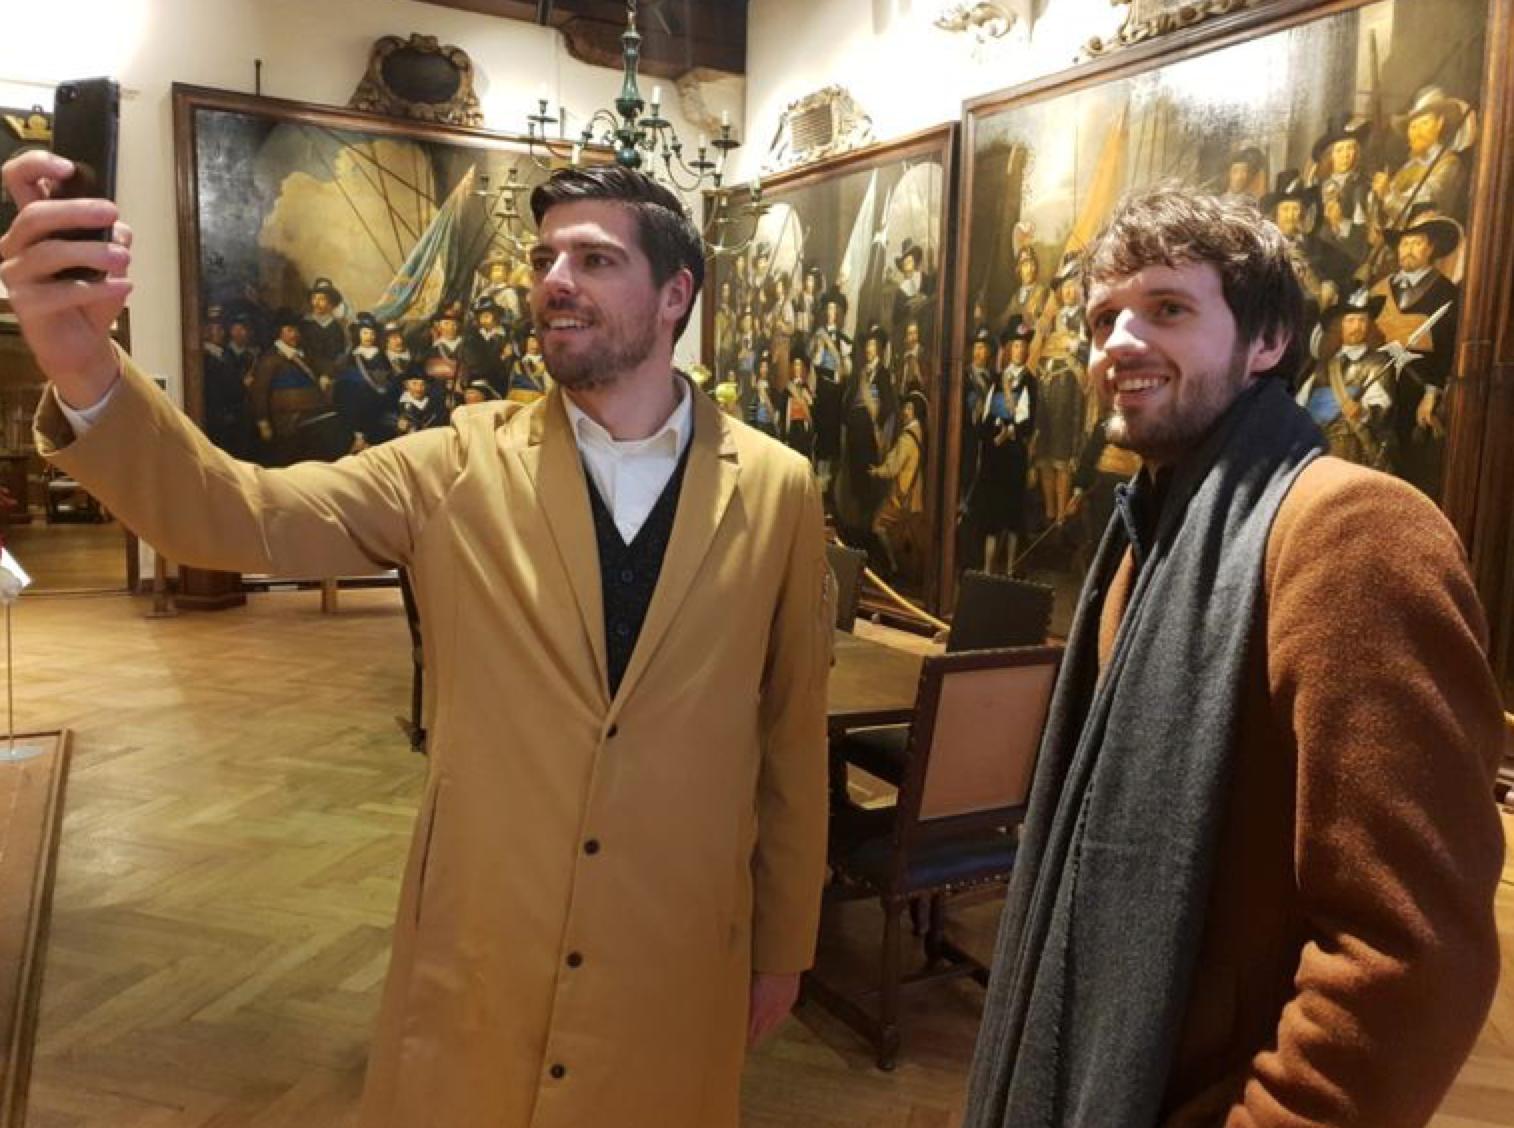 Twee eind twintigers maken Instagram-posts van hun bezoek aan Noord-Hollandse musea; ze zijn altijd op zoek naar verhalen met de 'wow'-factor [video]